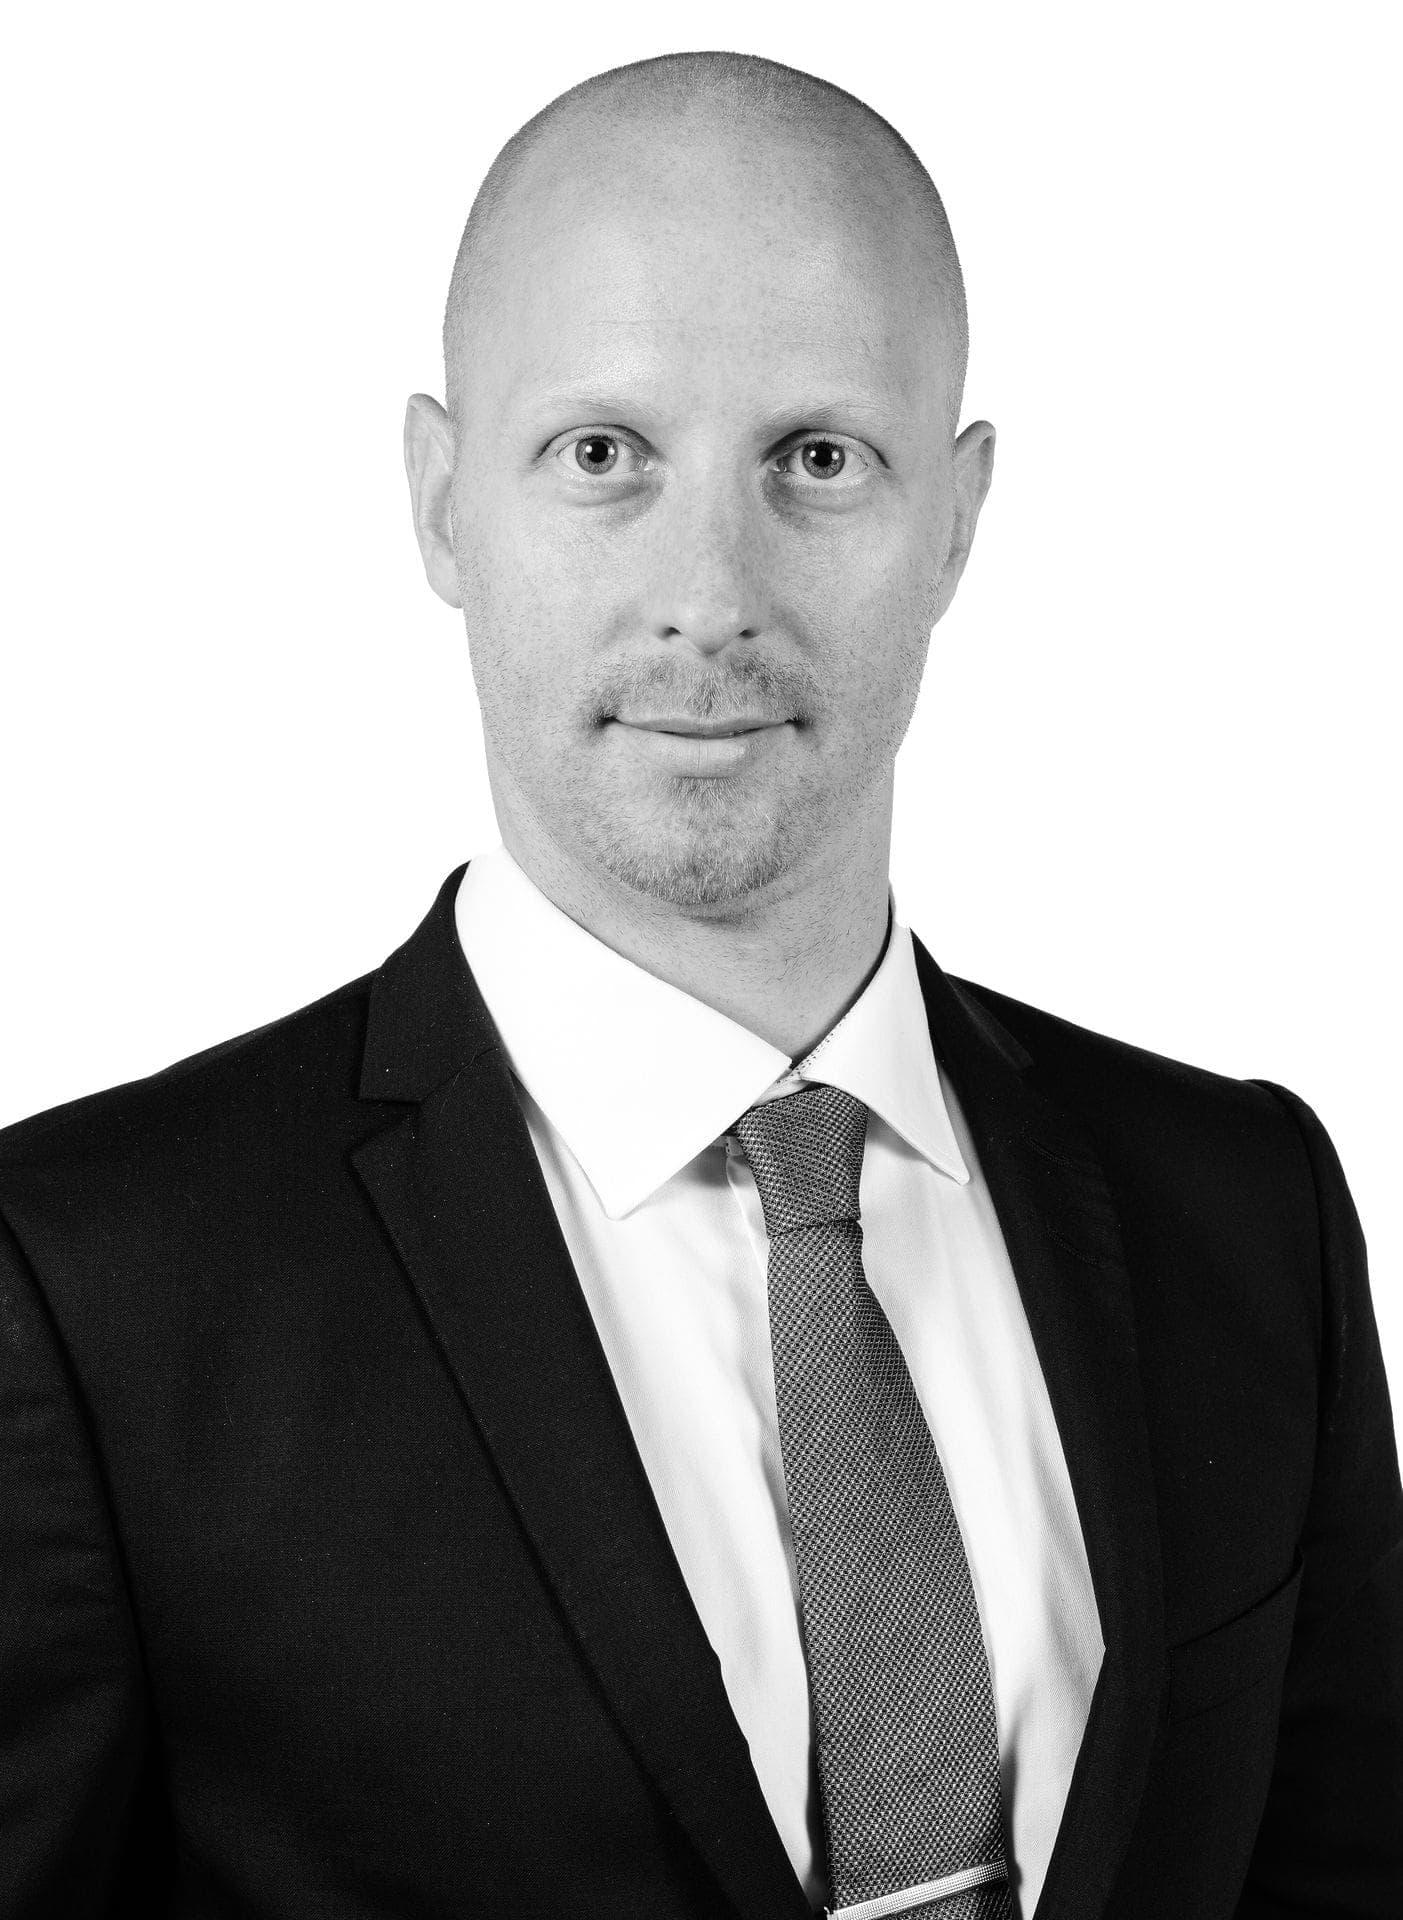 Kristoffer Sundqvist